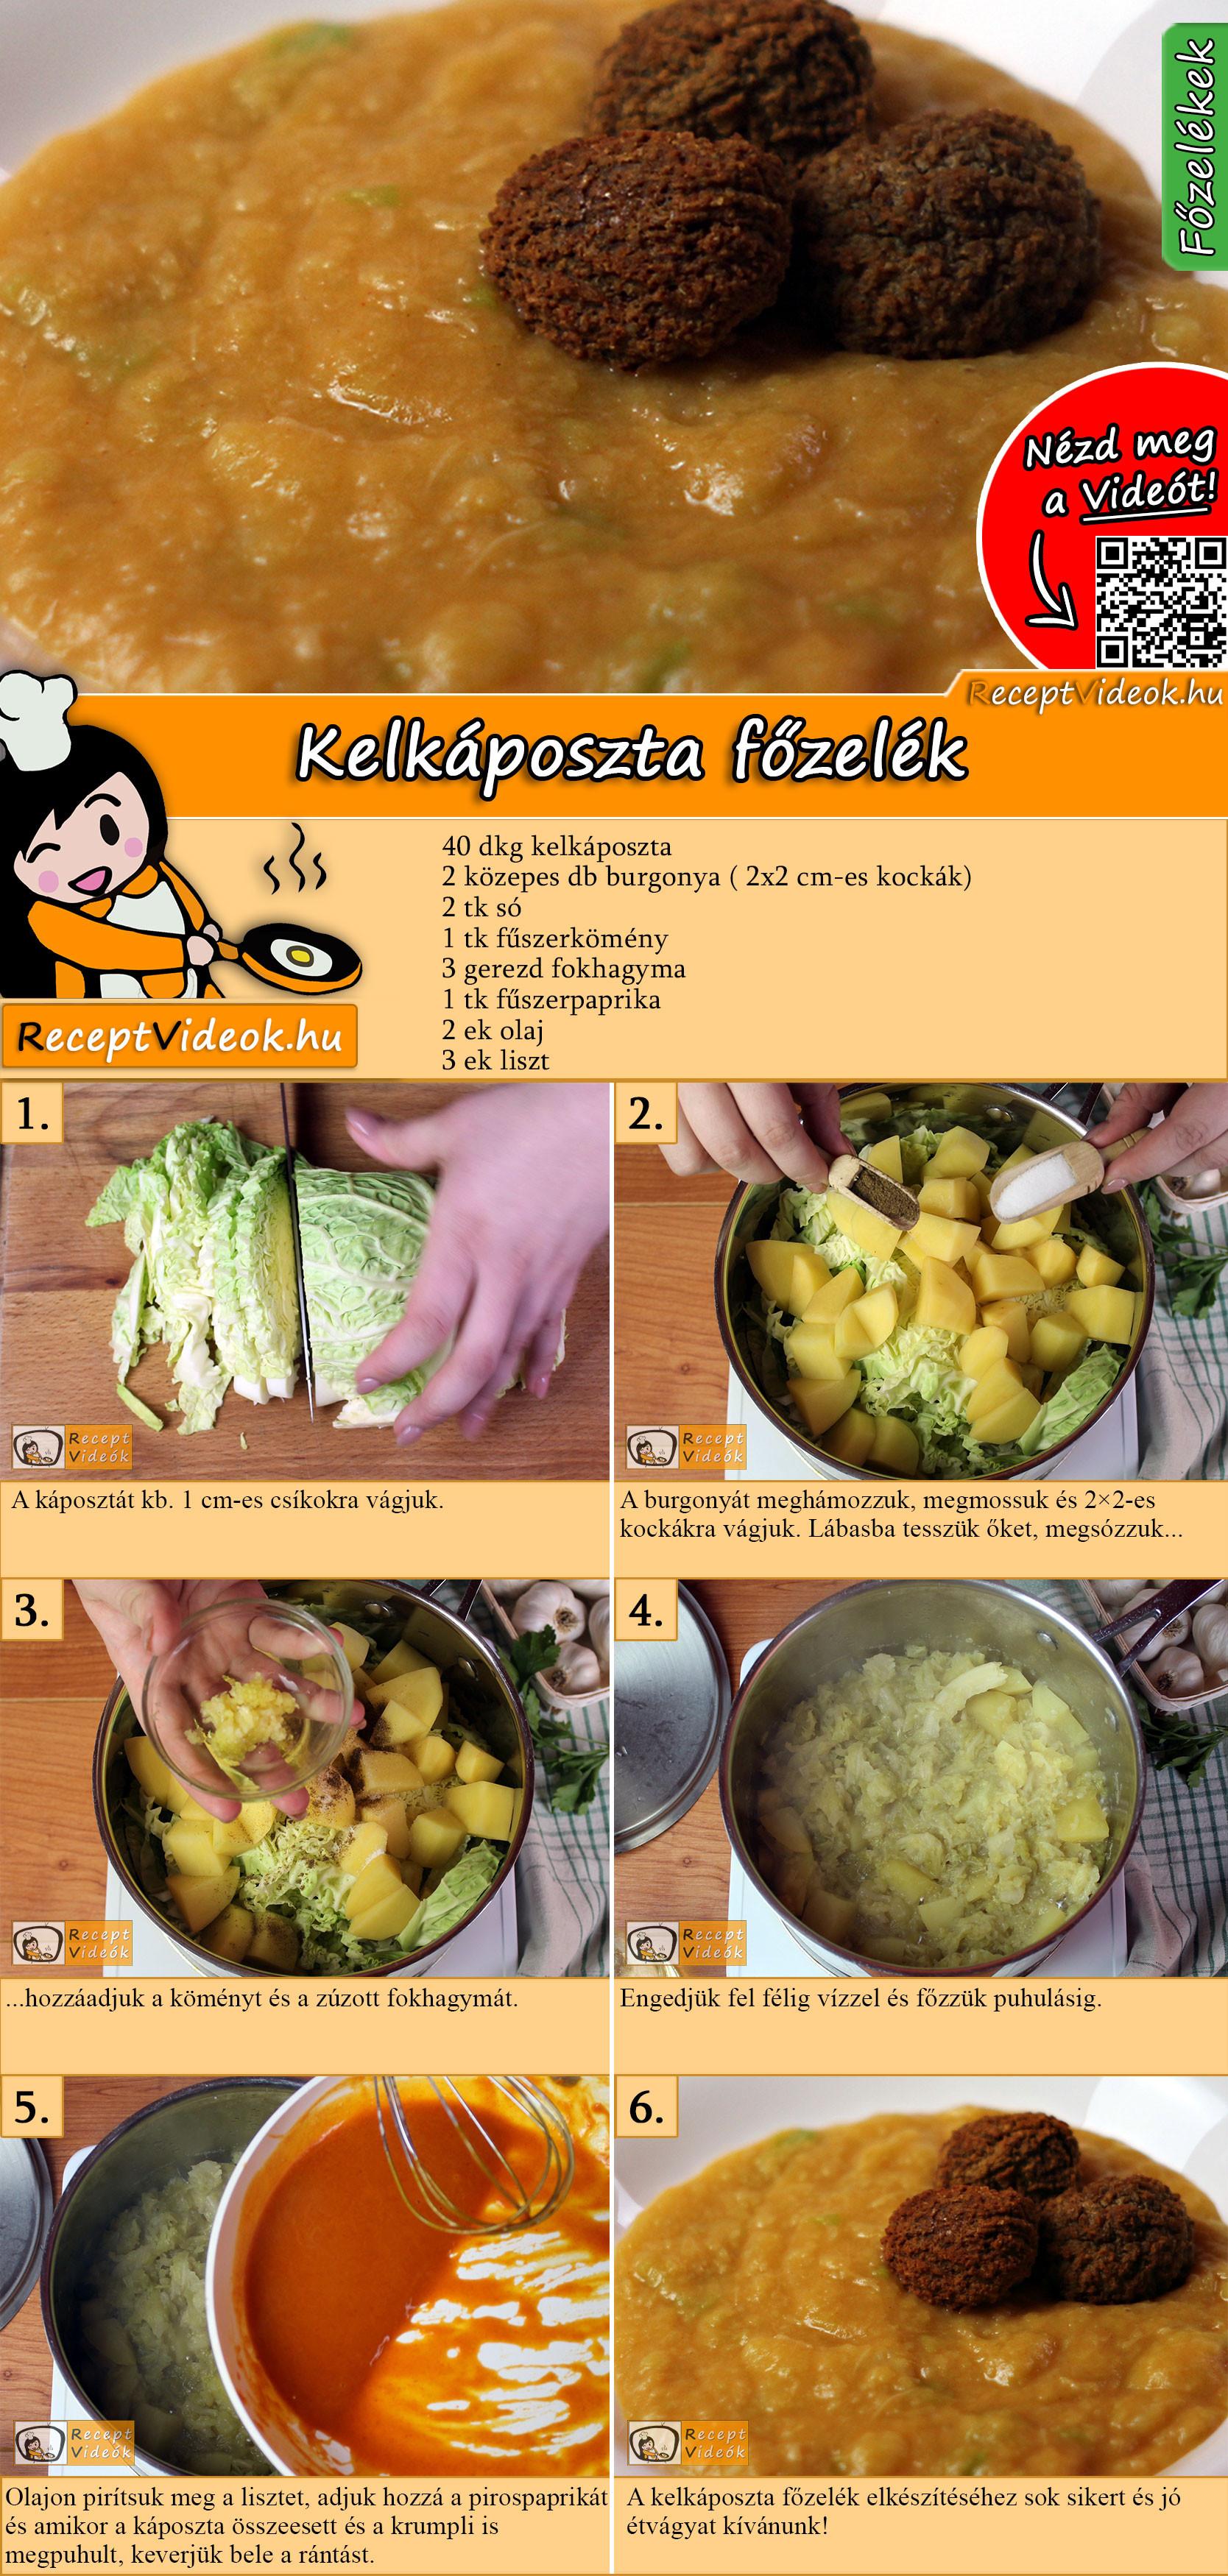 Kelkáposzta főzelék recept elkészítése videóval